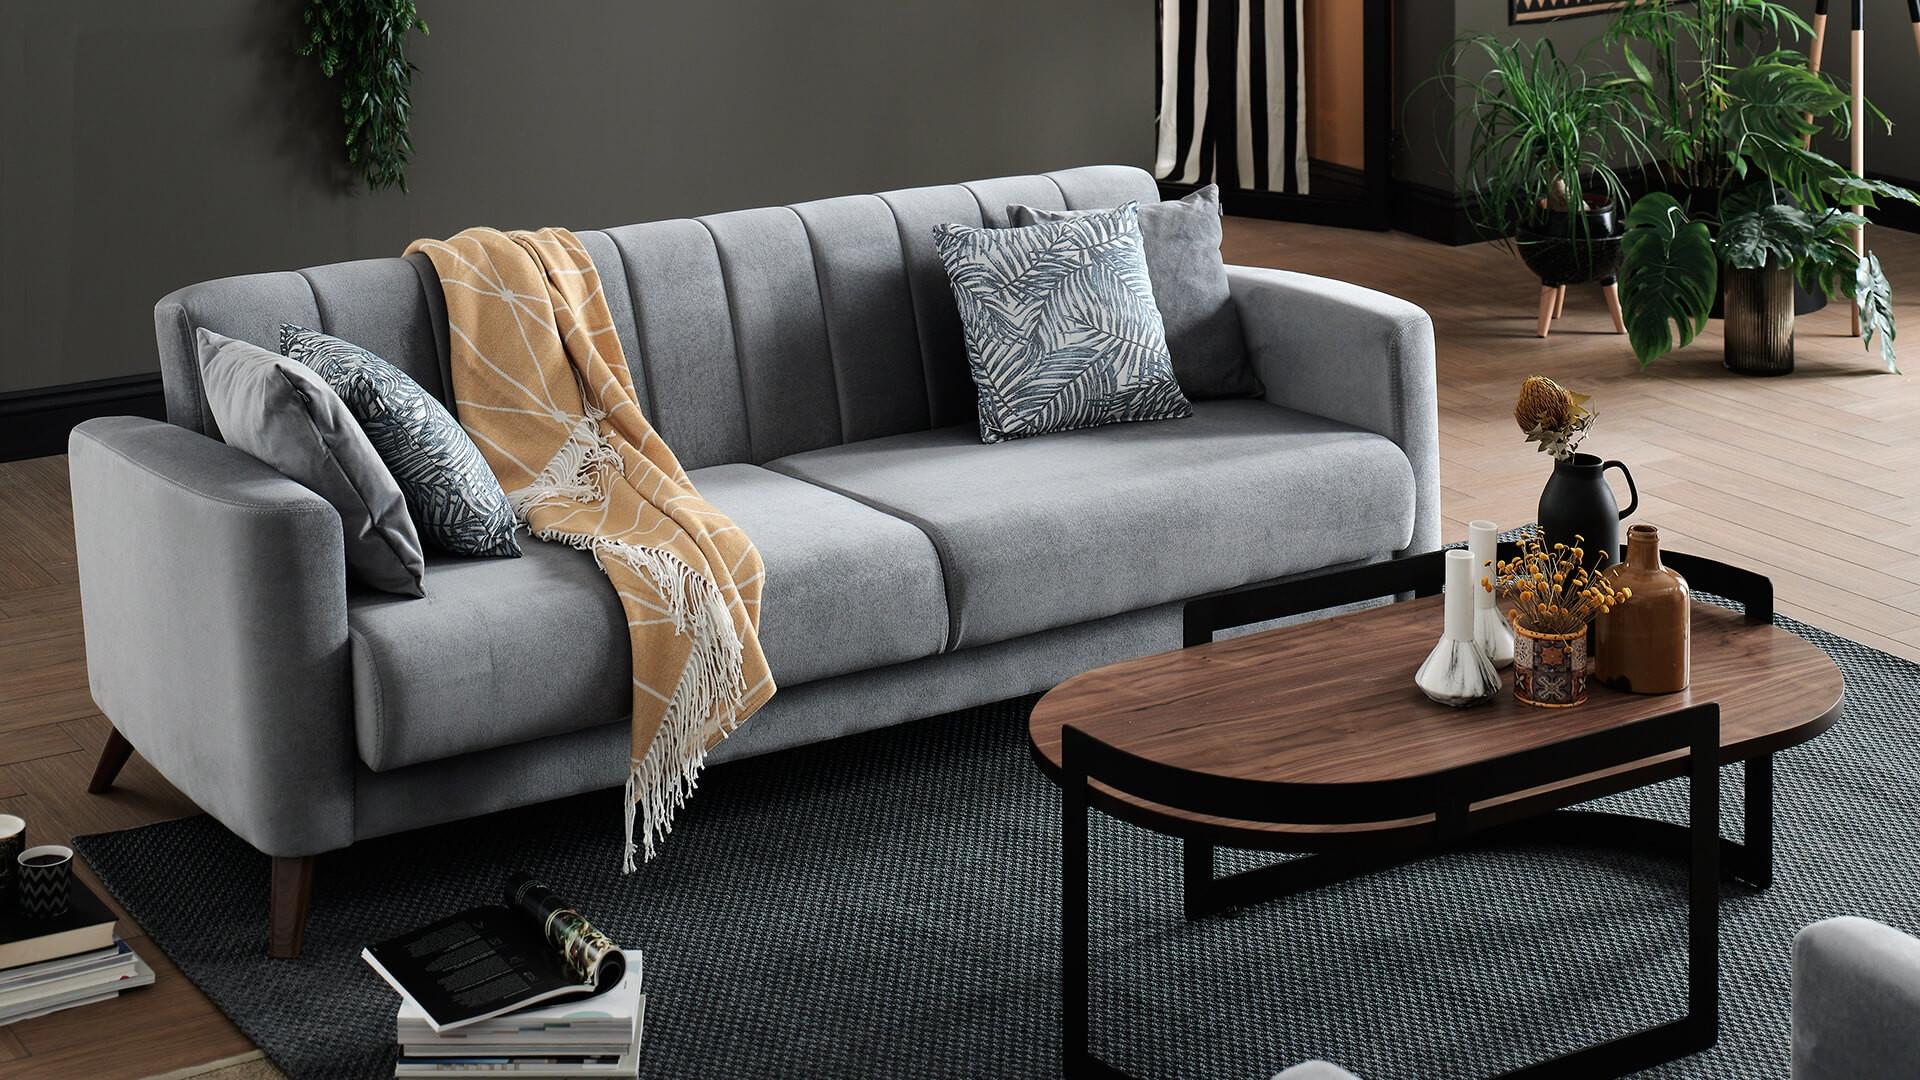 Canapea extensibila cu lada de depozitare, tapitata cu stofa, 3 locuri Loft Velvet Gri, l228xA88,5xH80 cm